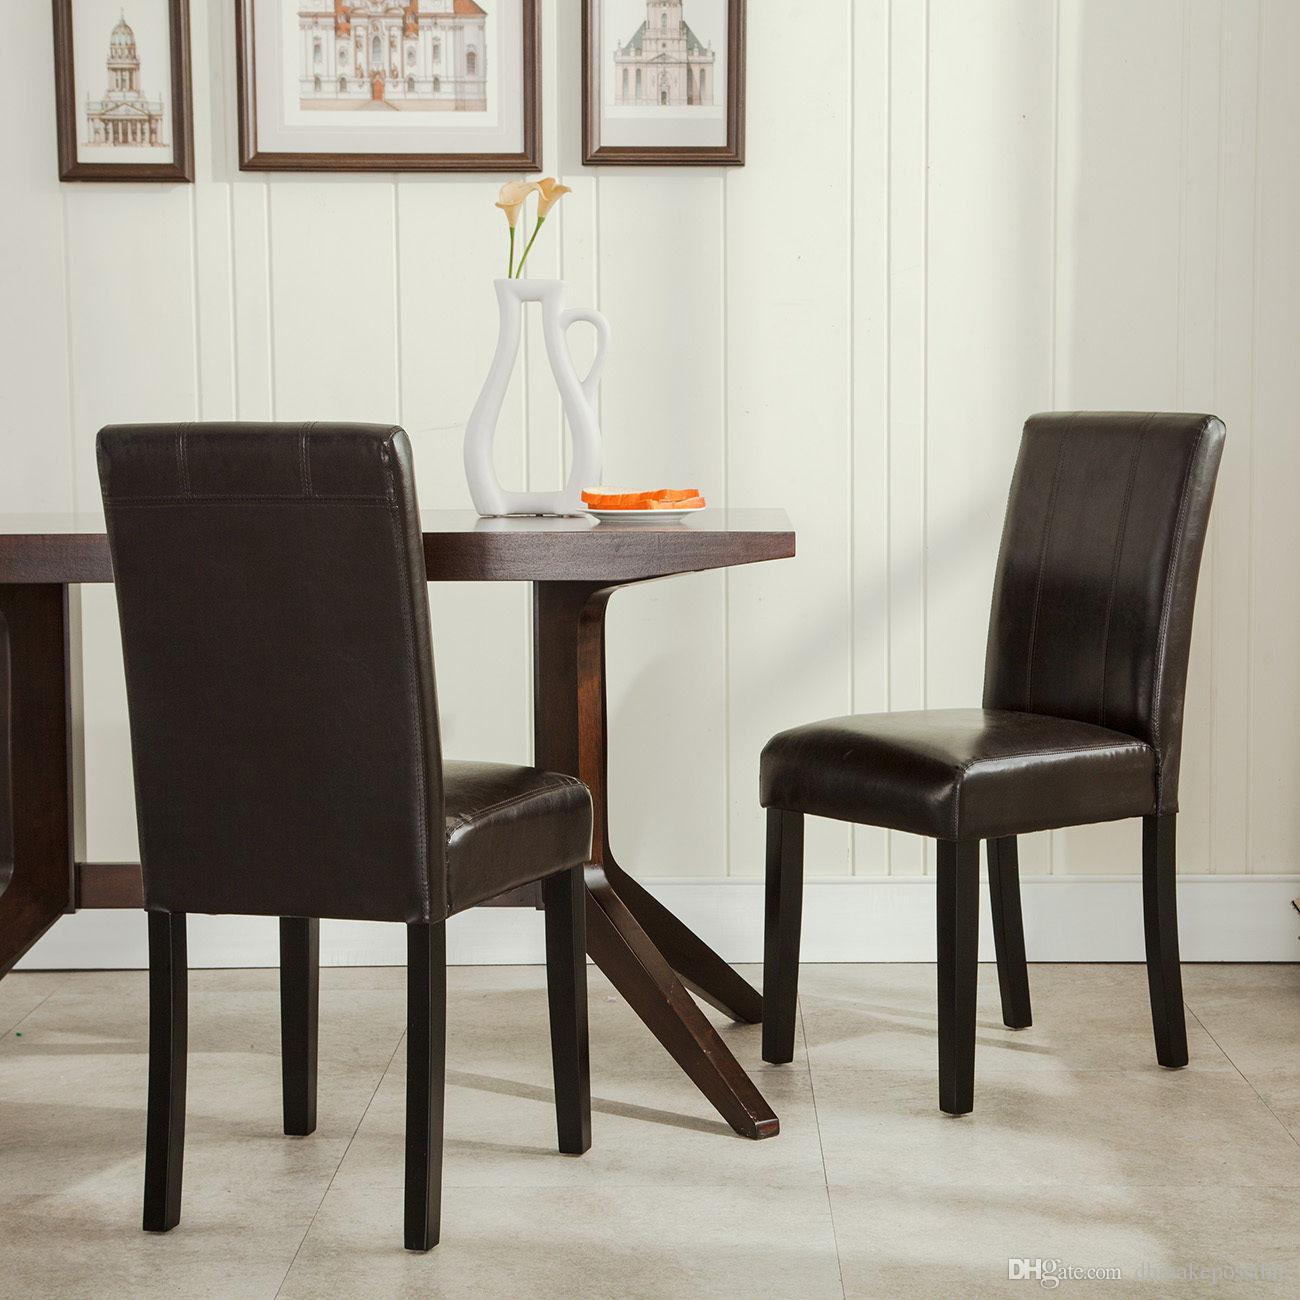 Compre Conjunto De 2 Elegantes Muebles De Diseño De Cuero Parsons ...